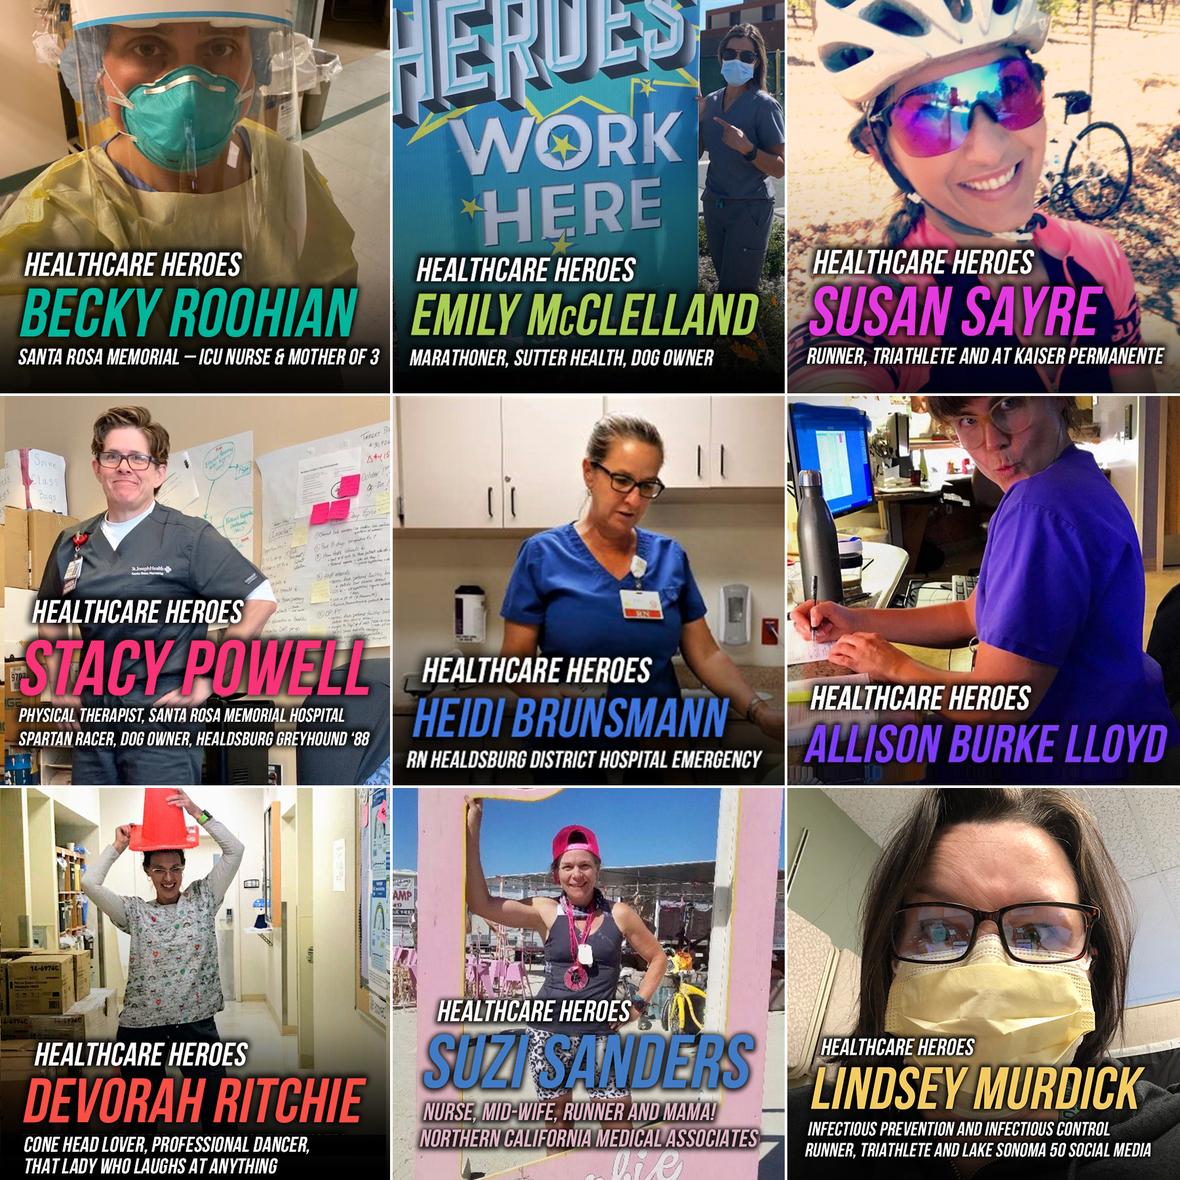 healthcare heros ladies